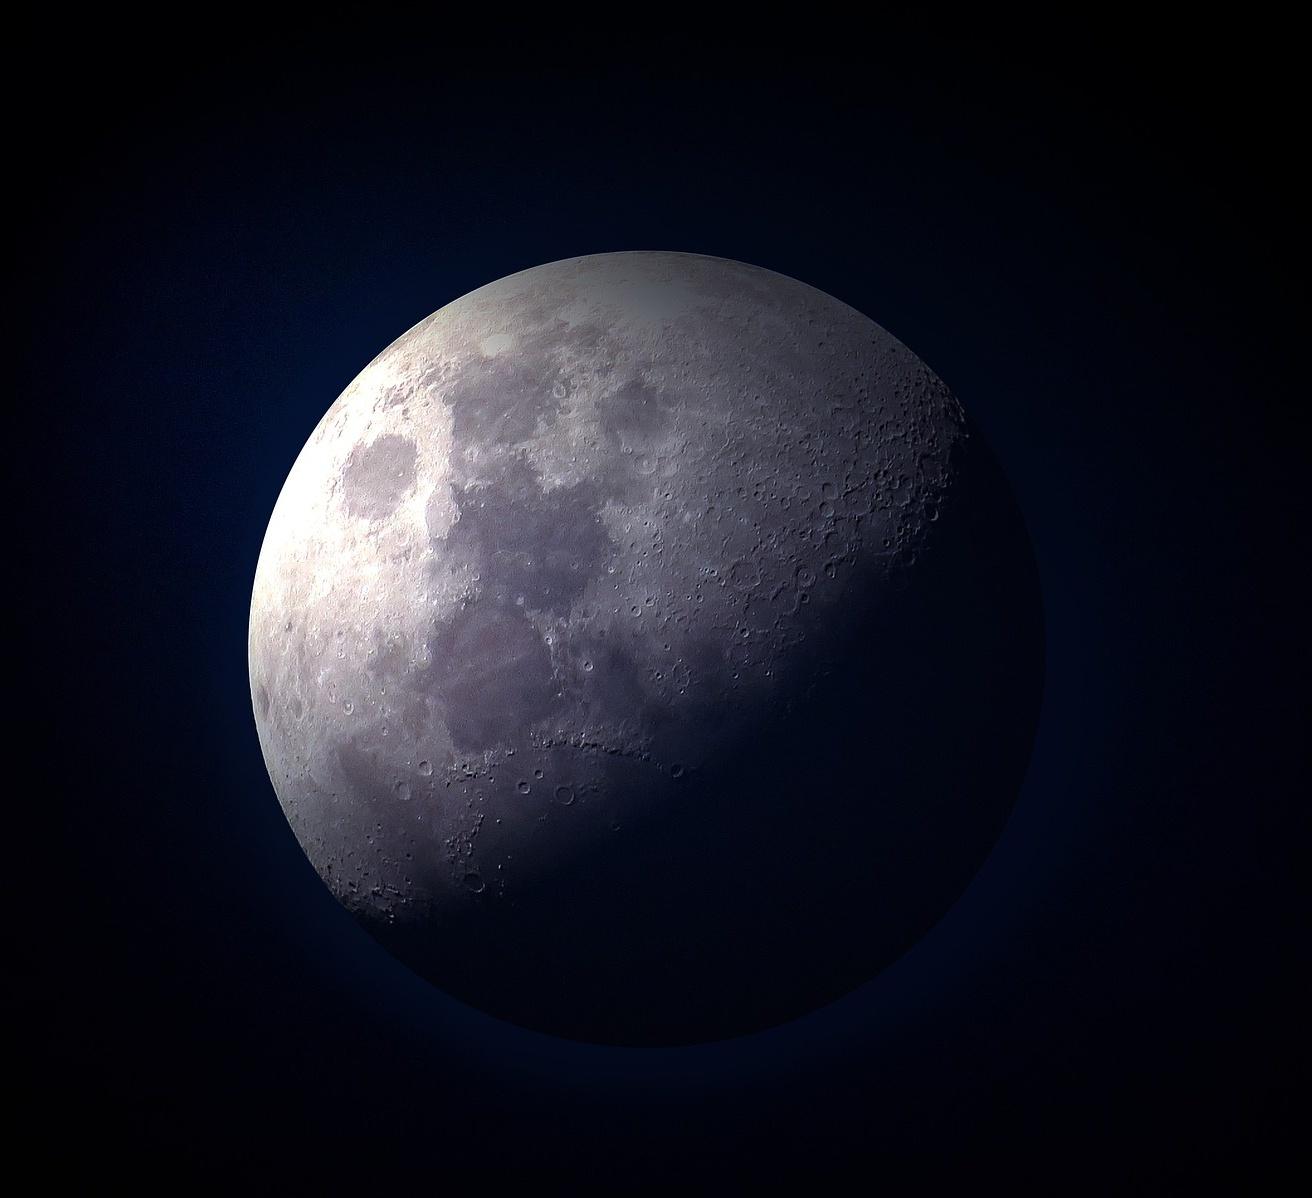 首批月球样品信息和科学探测数据发布,可在线申请借出样品